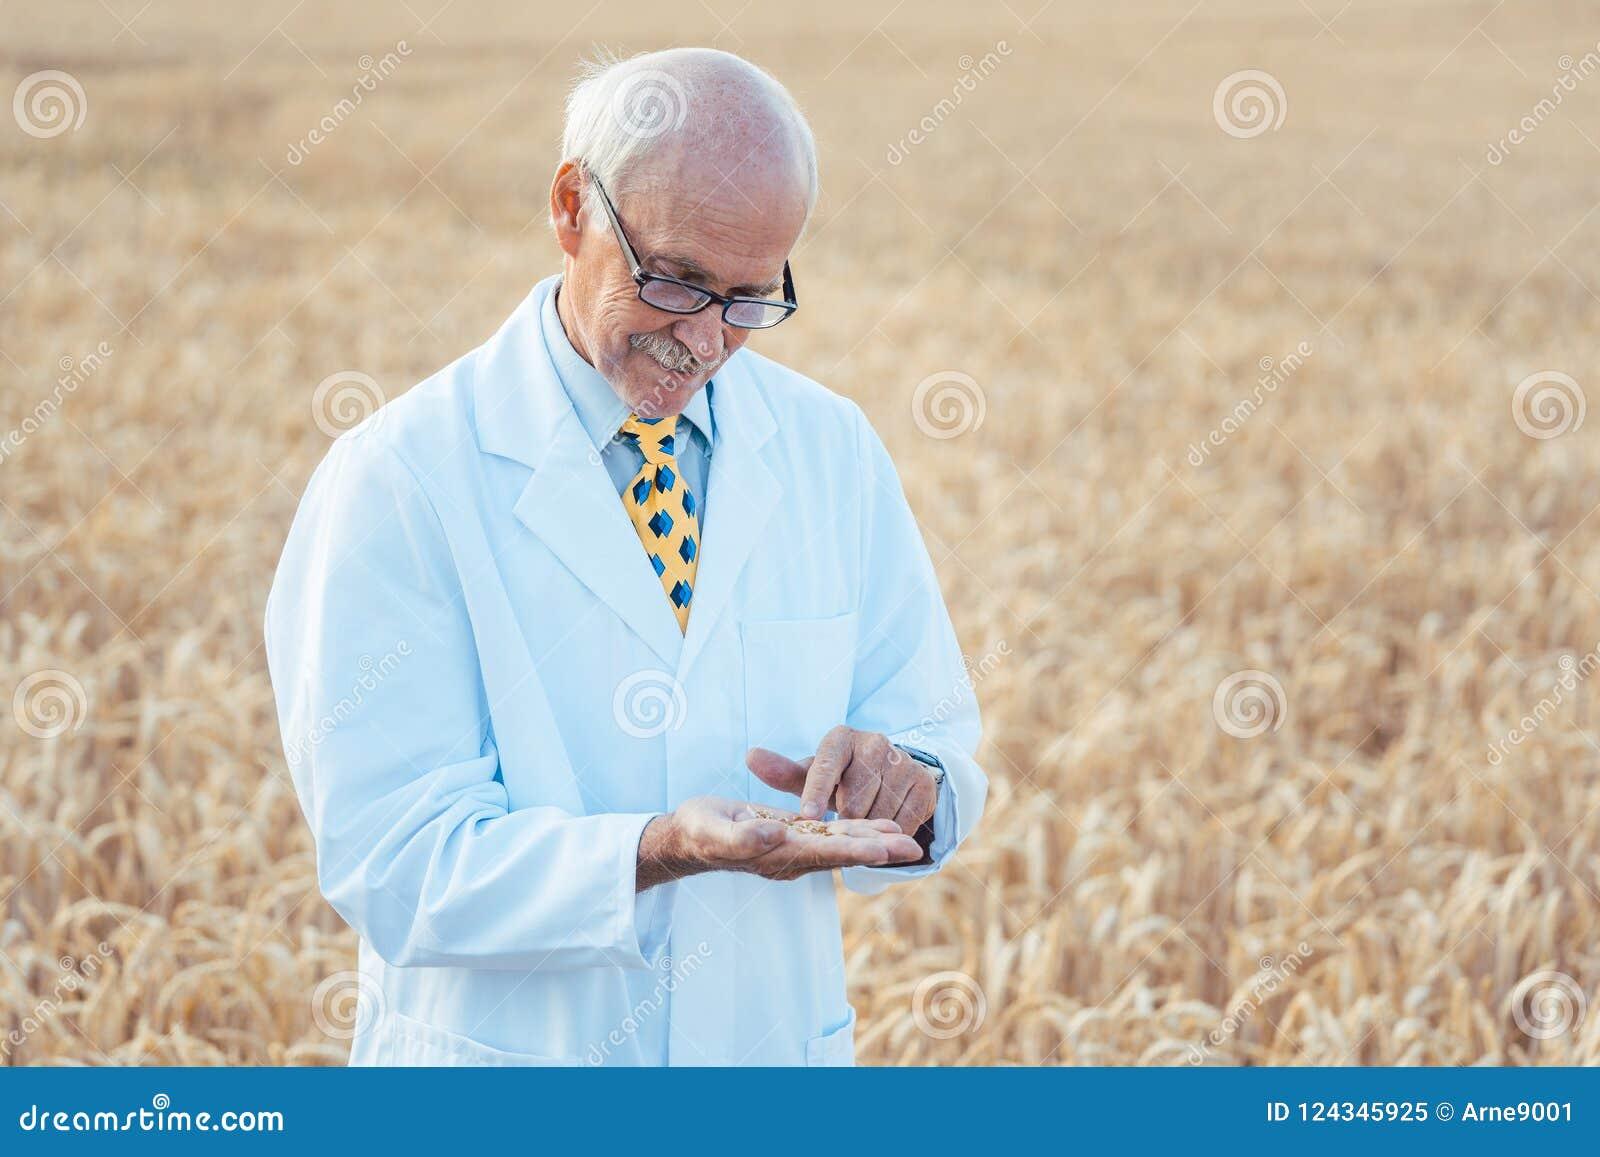 寻找新的种子的质量的农业科学家